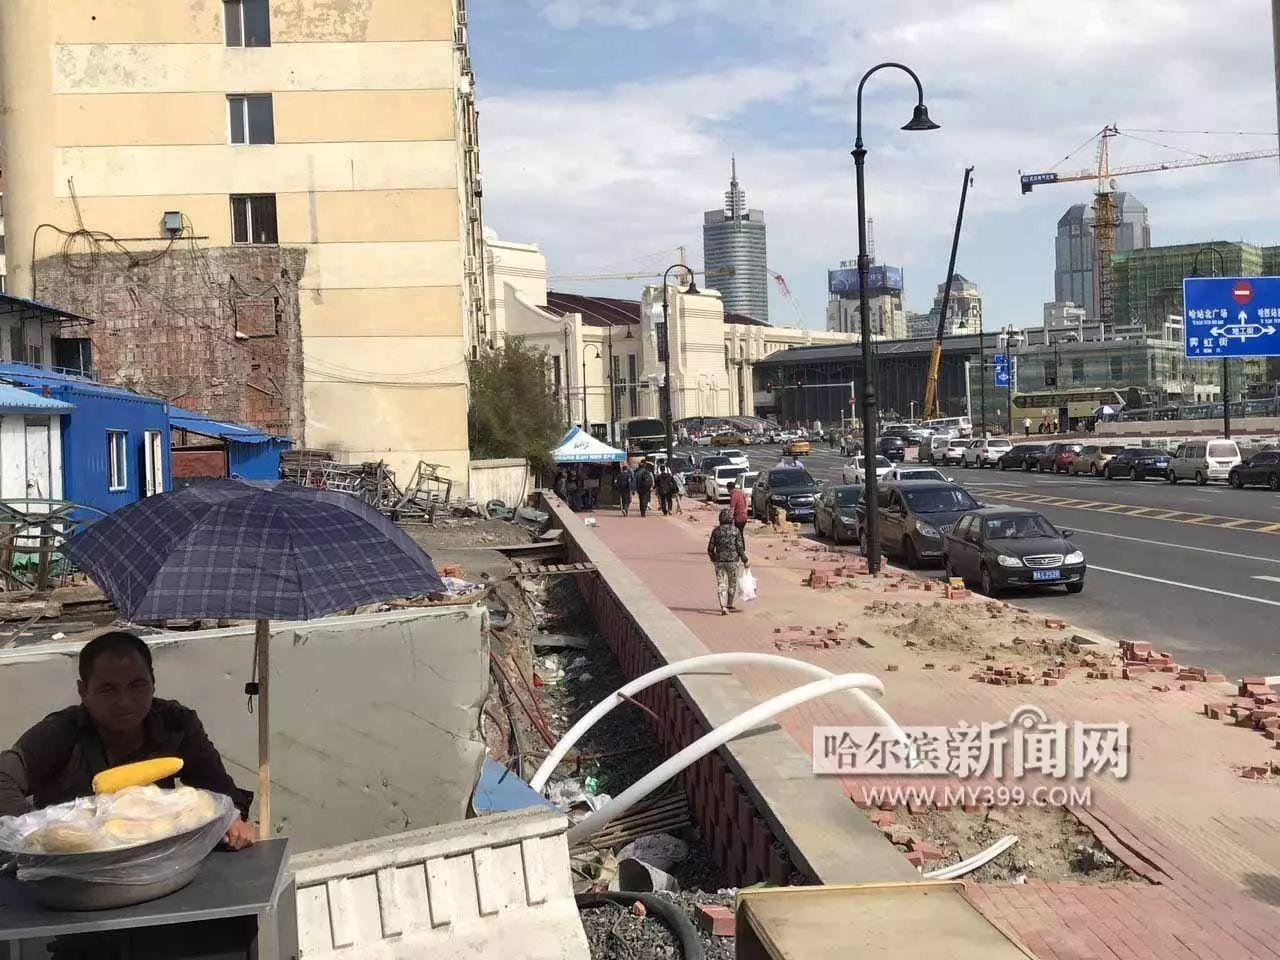 重要事情说三遍 哈尔滨火车站进出站口不在 哈站 了 已由铁路街迁至地工街,有免费班车走路过去得15分钟 附行走攻略